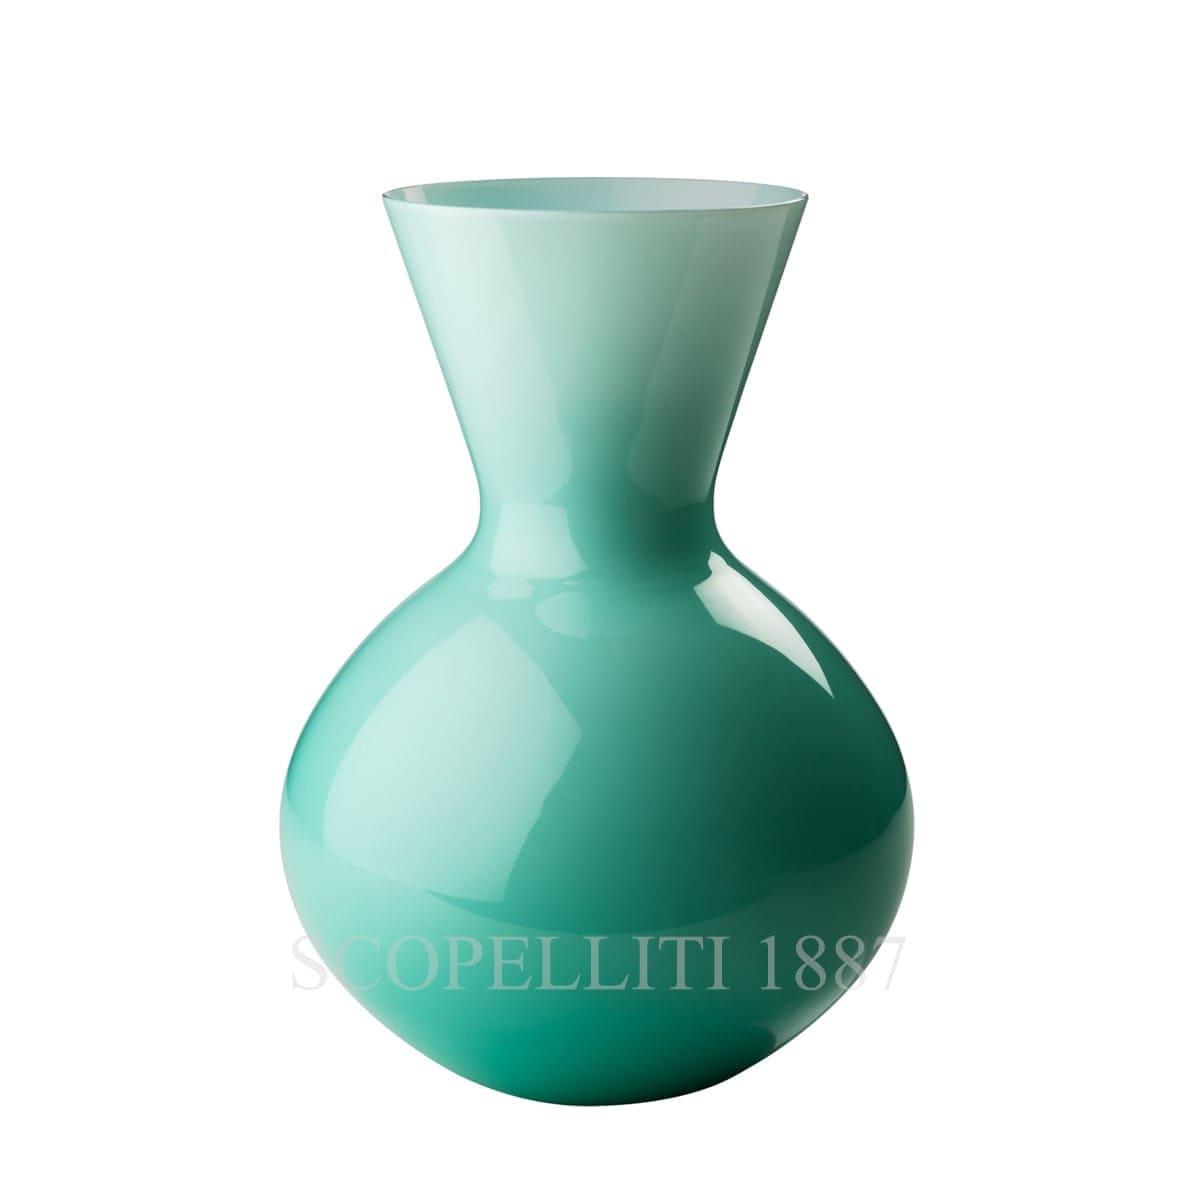 Venini Idria tall Vase mint green 706.42